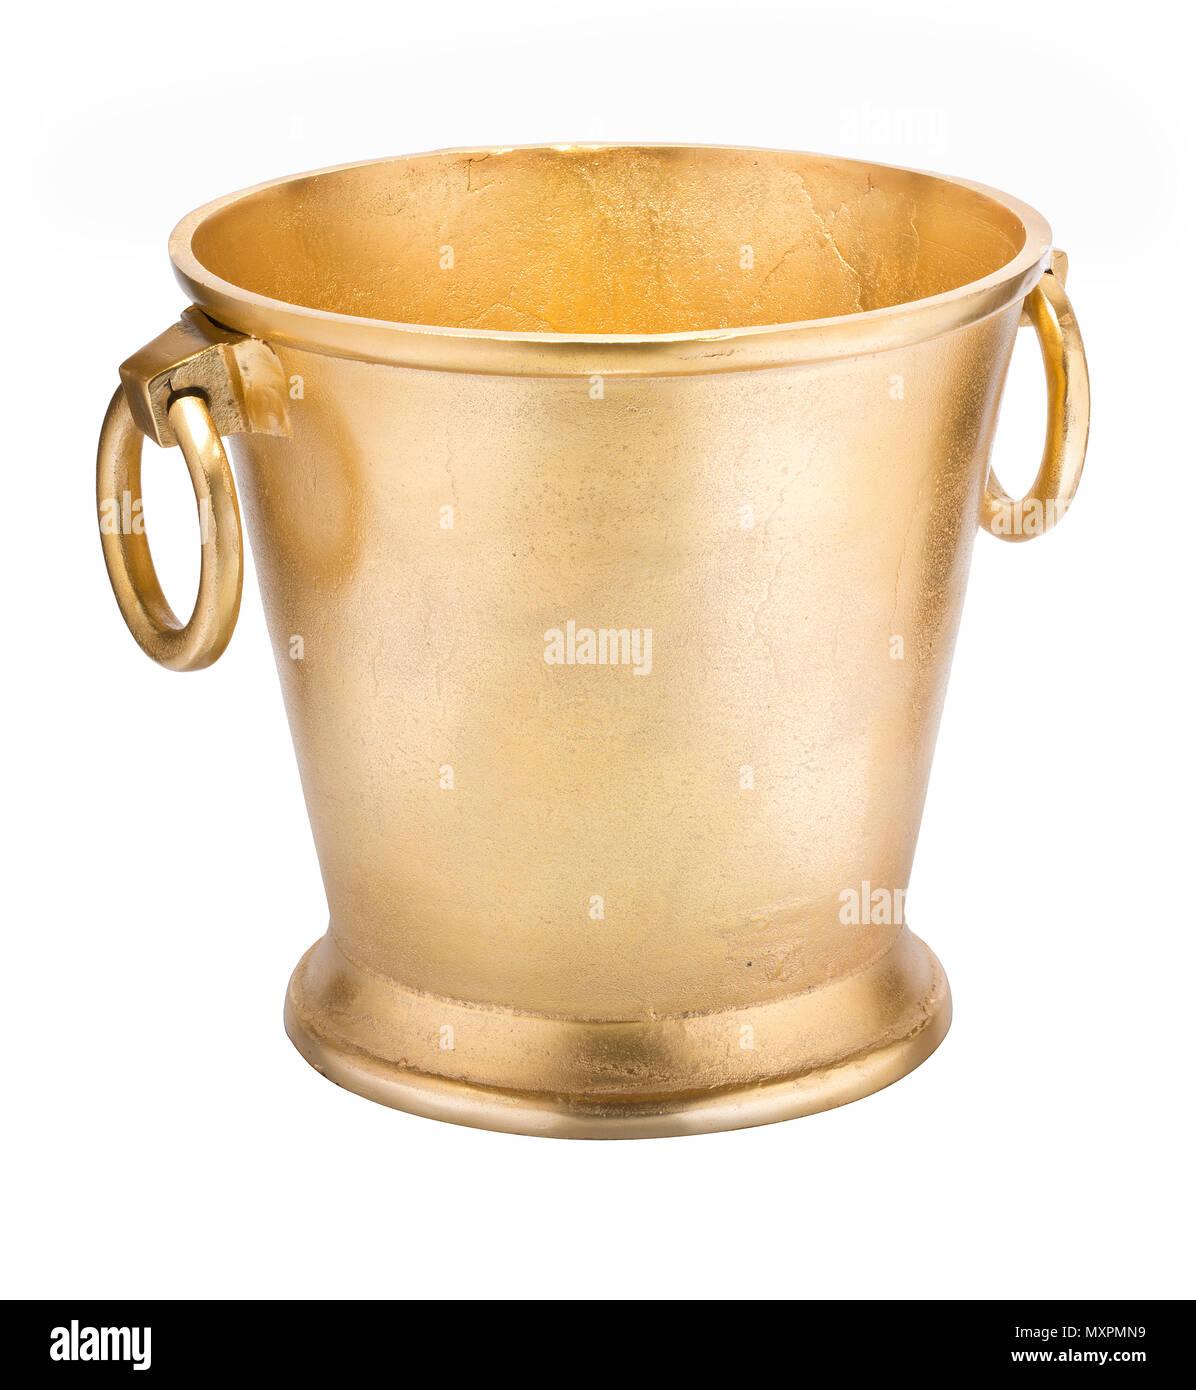 Goldfarbenem metall Eiskübel, zum Kühlen von Wein oder andere Getränke. Stockbild